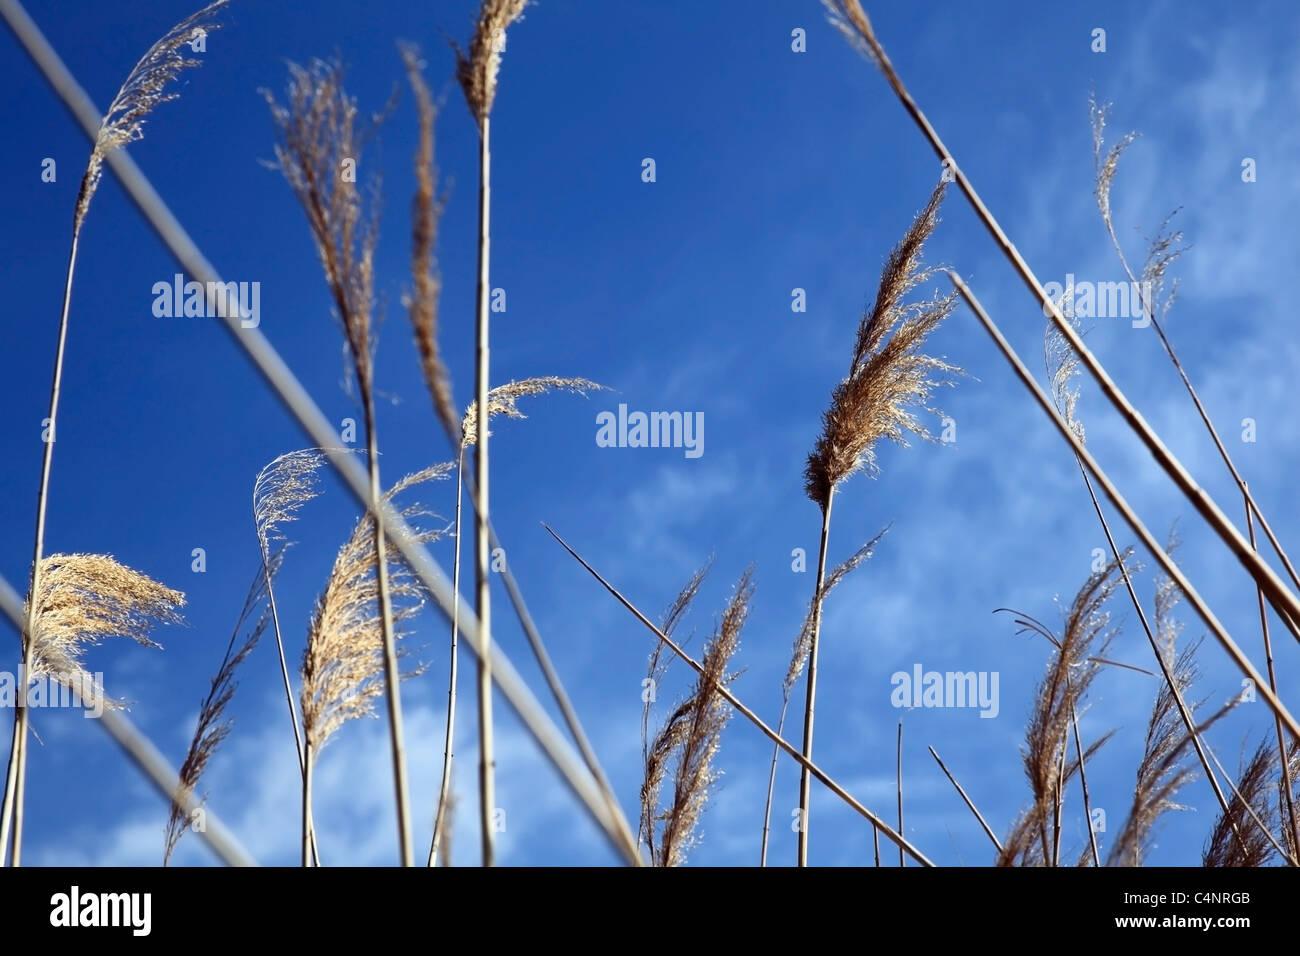 Canción del verano. Las plantas sobre un fondo de cielo azul. DOF superficial. Imagen De Stock